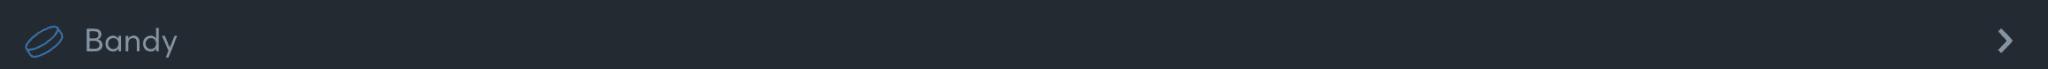 Bandy Upcoming 2 2048x69 1